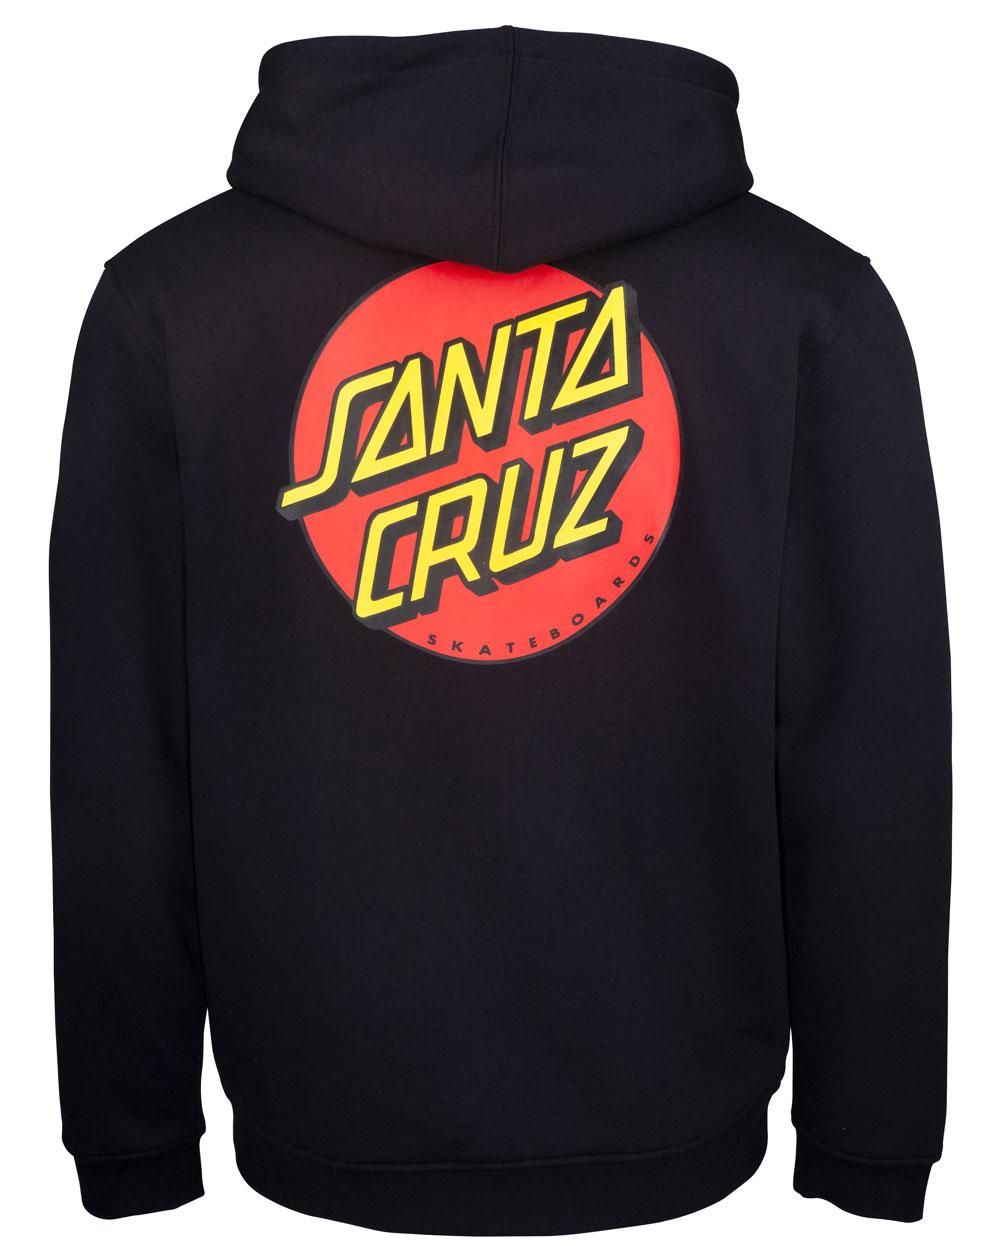 Santa Cruz Men's Full Zip Hoodie Classic Dot Black